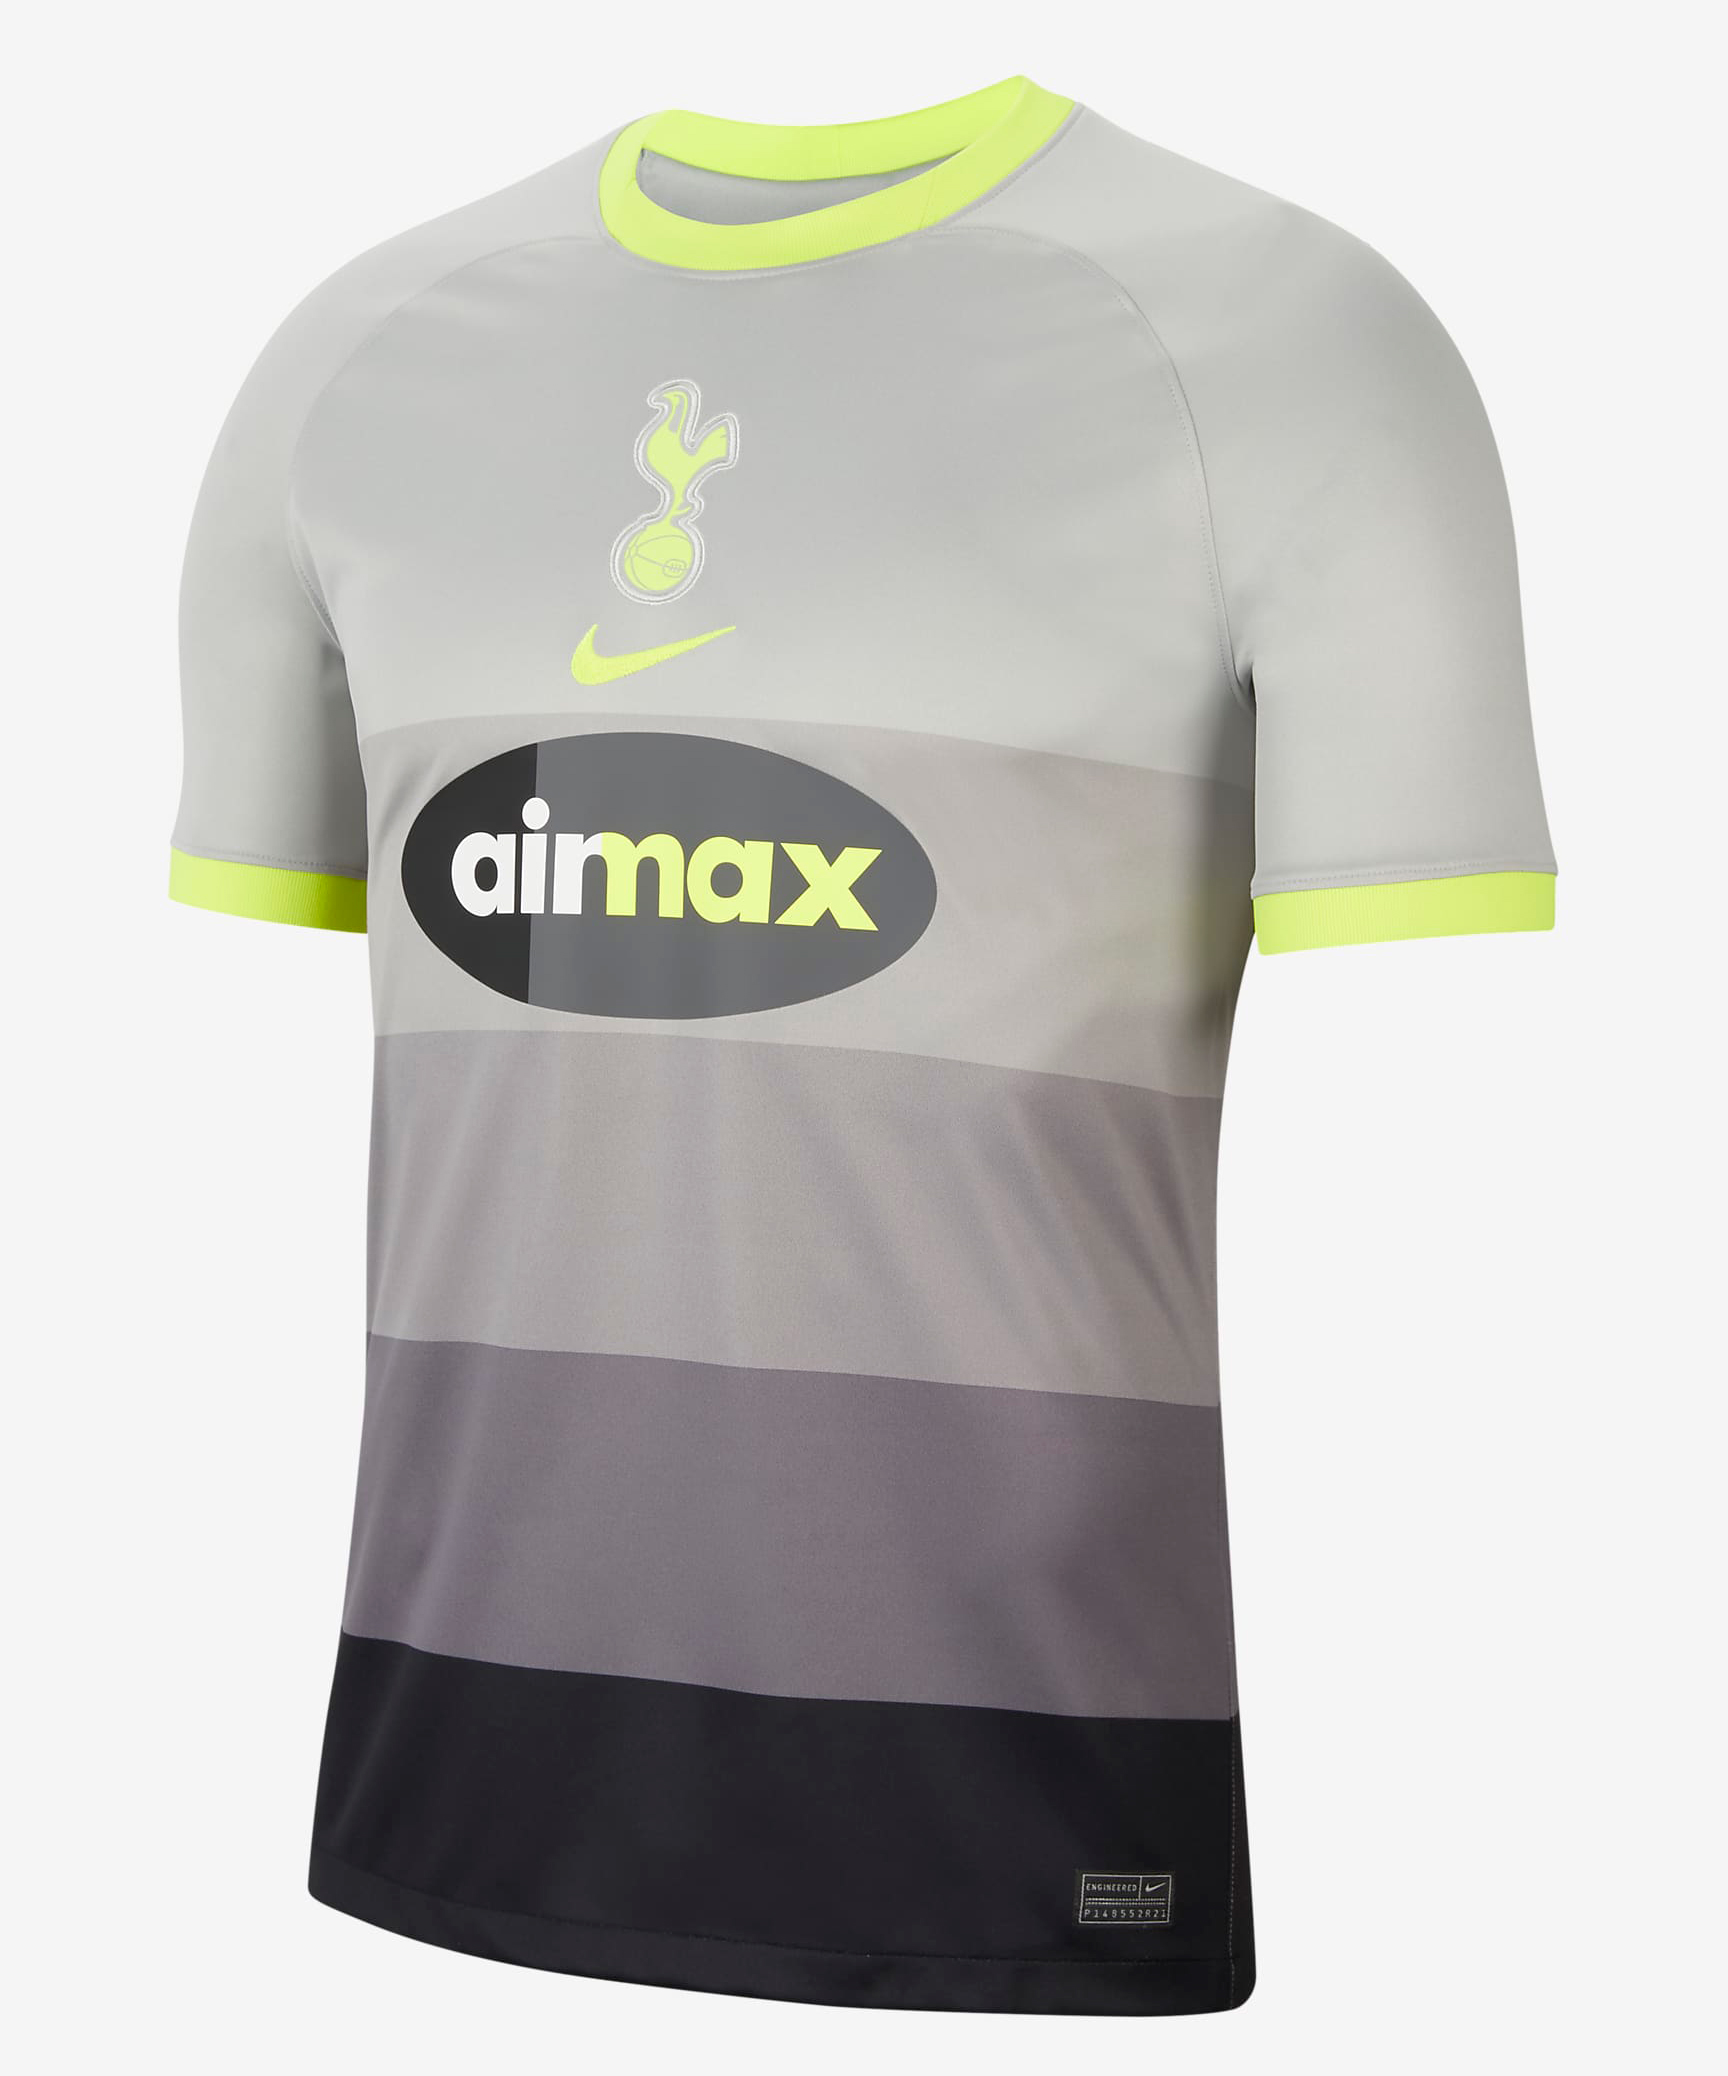 nike-air-max-95-tottenham-hotspur-soccer-jersey-1